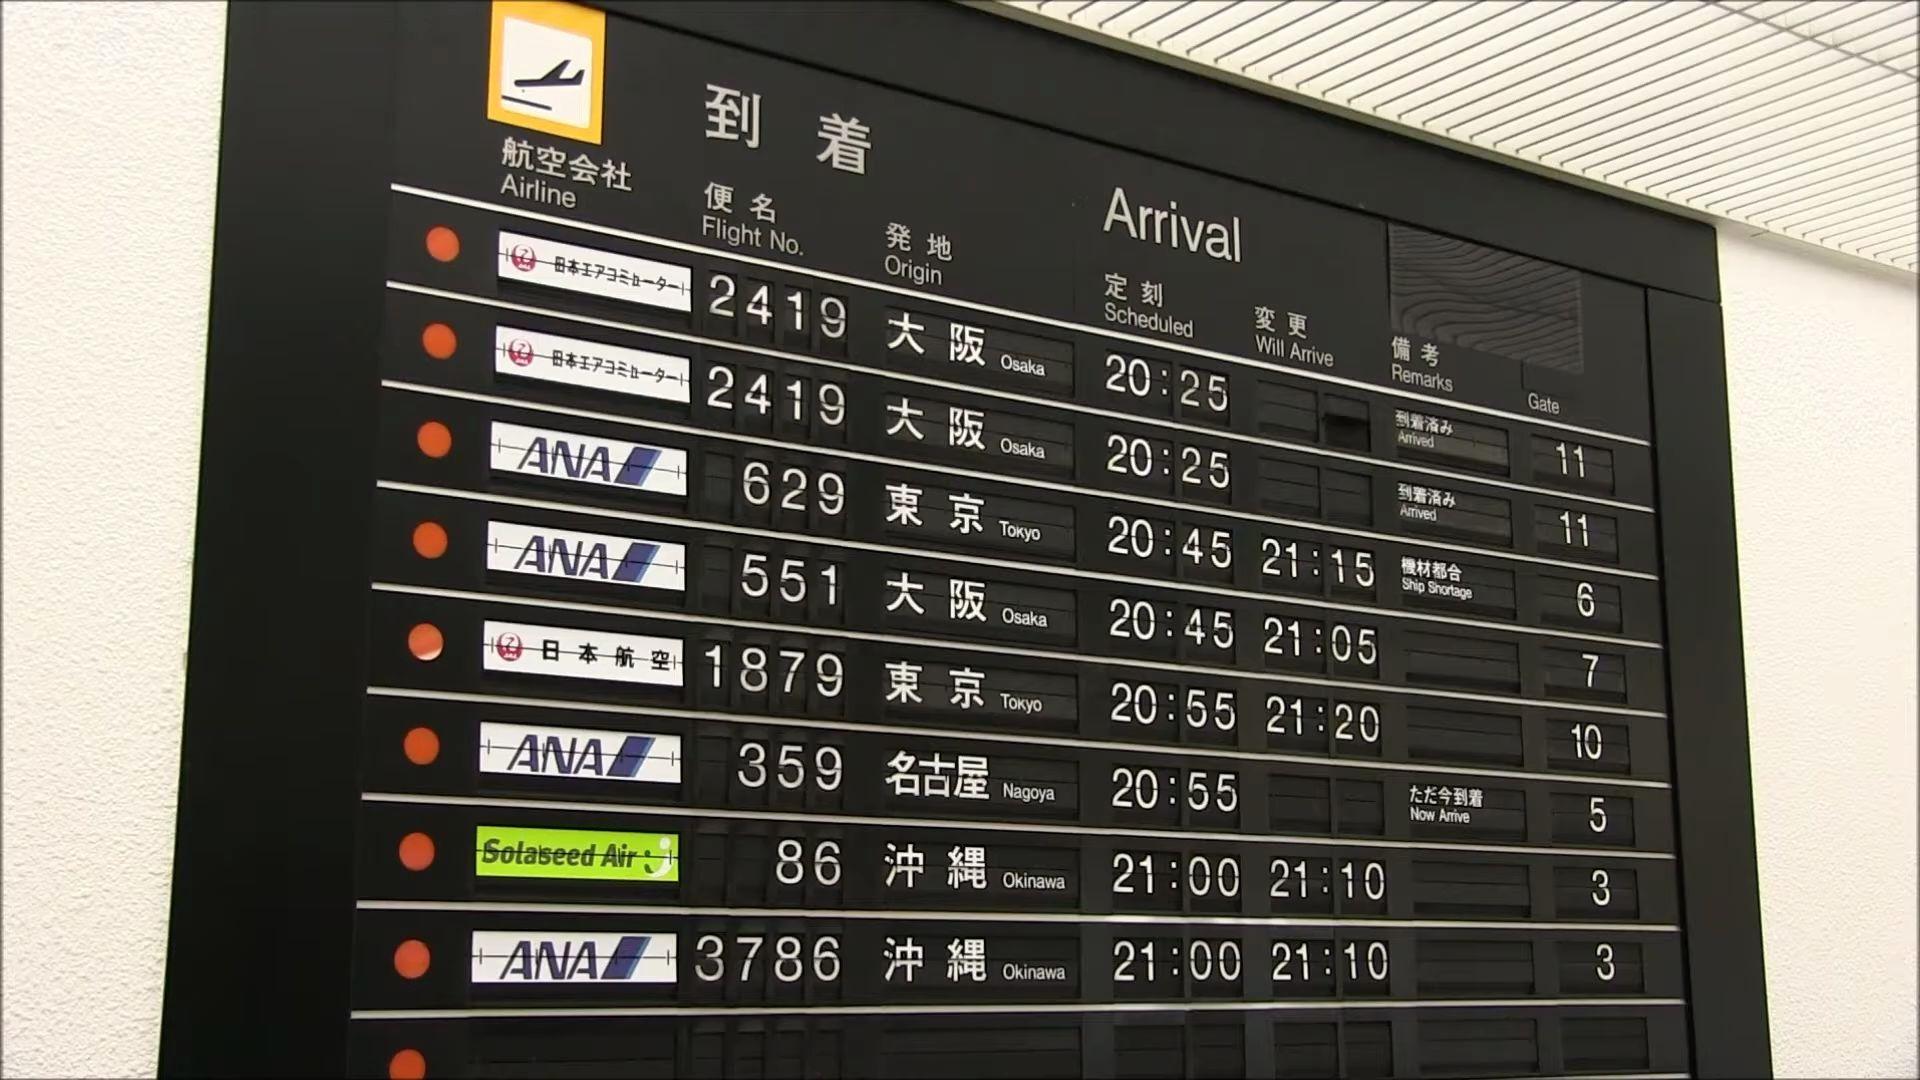 空港 時刻 表 出雲